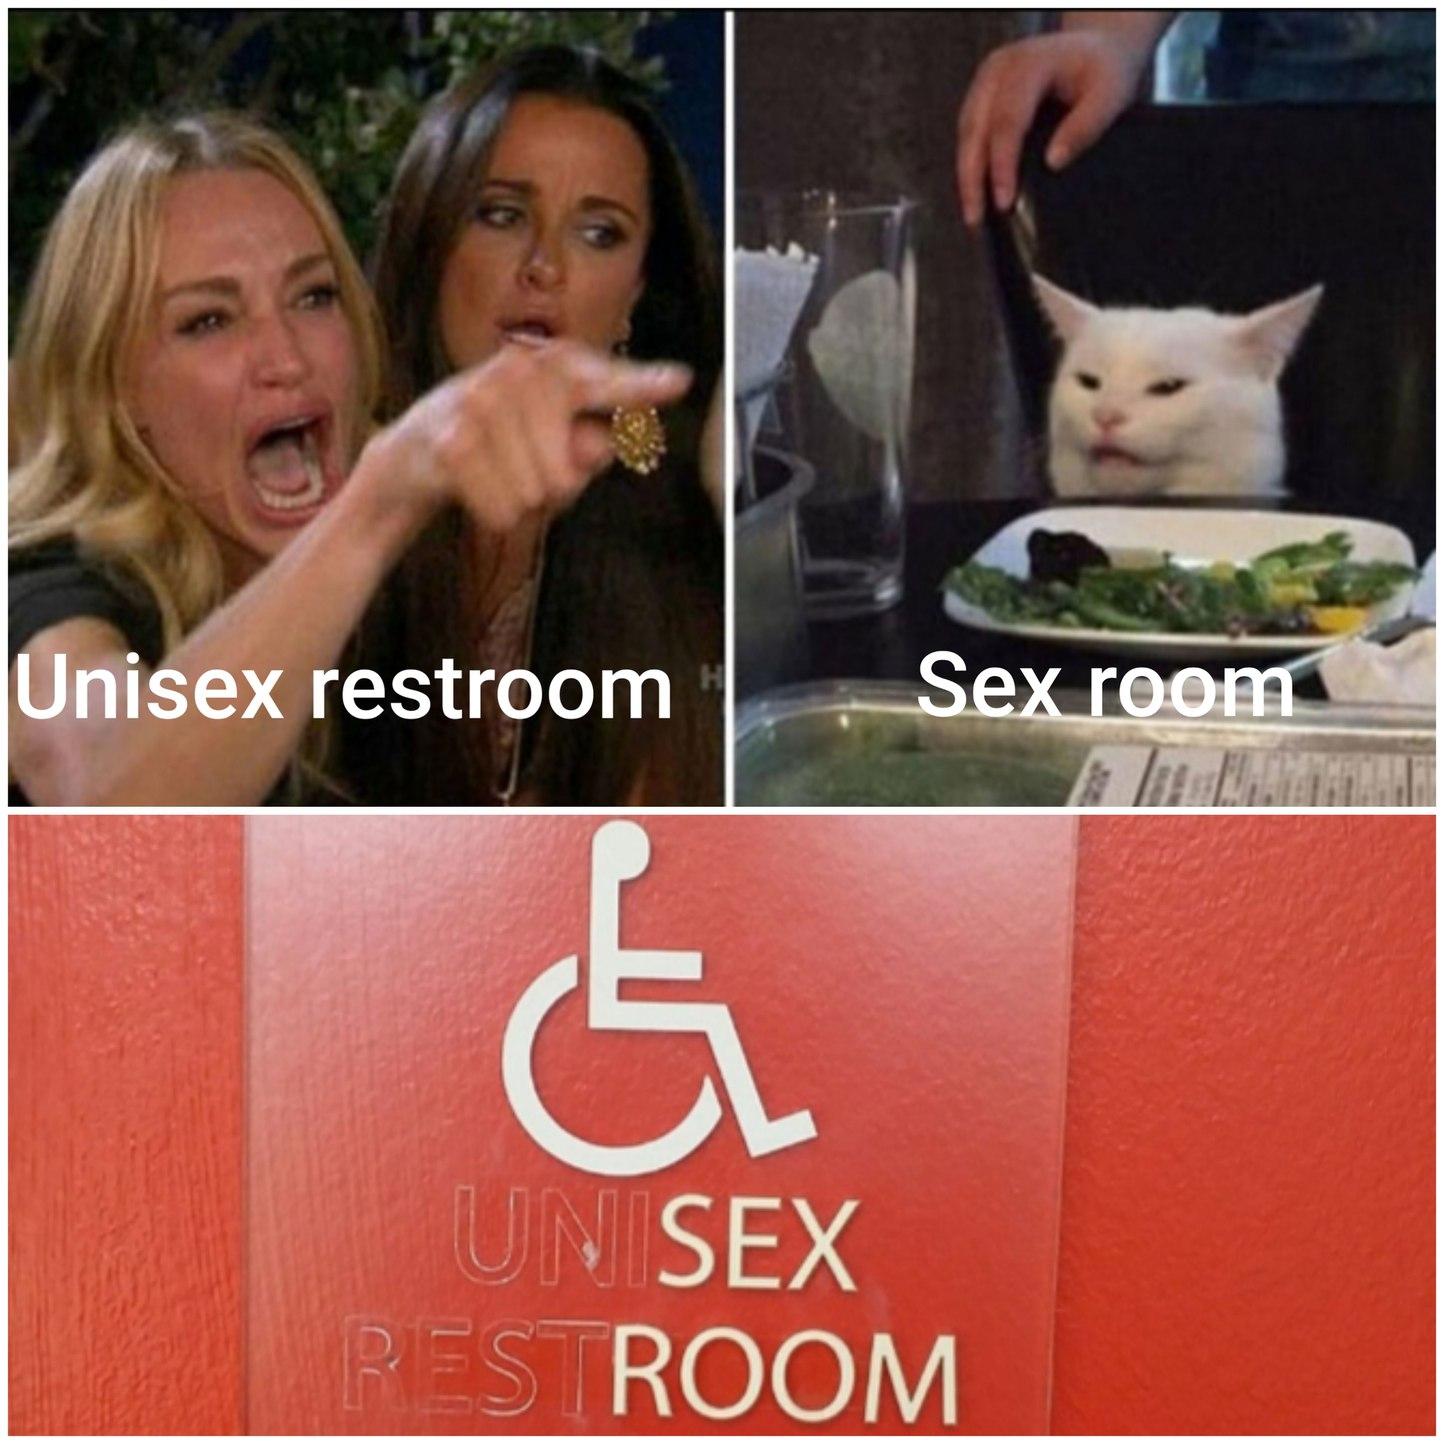 Unisex room - meme